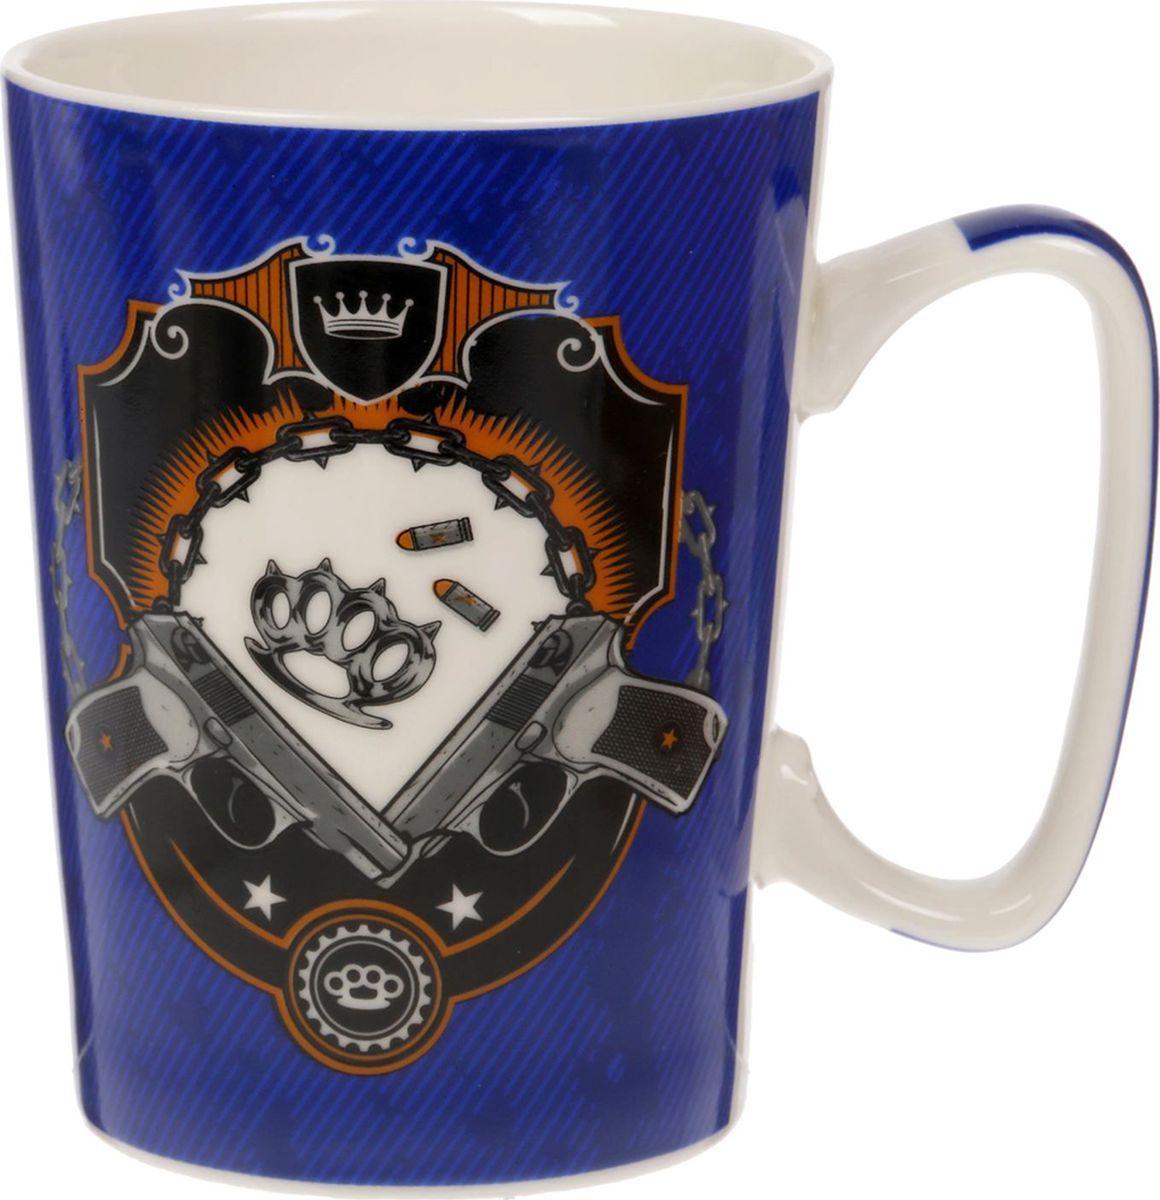 Кружка Жутко брутален, цвет: синий, 350 мл1592010Оригинальная кружка станет отличным подарком для близкого человека. Авторское изображение, оптимальный объём и стильная упаковка — отличительные черты этого изделия.